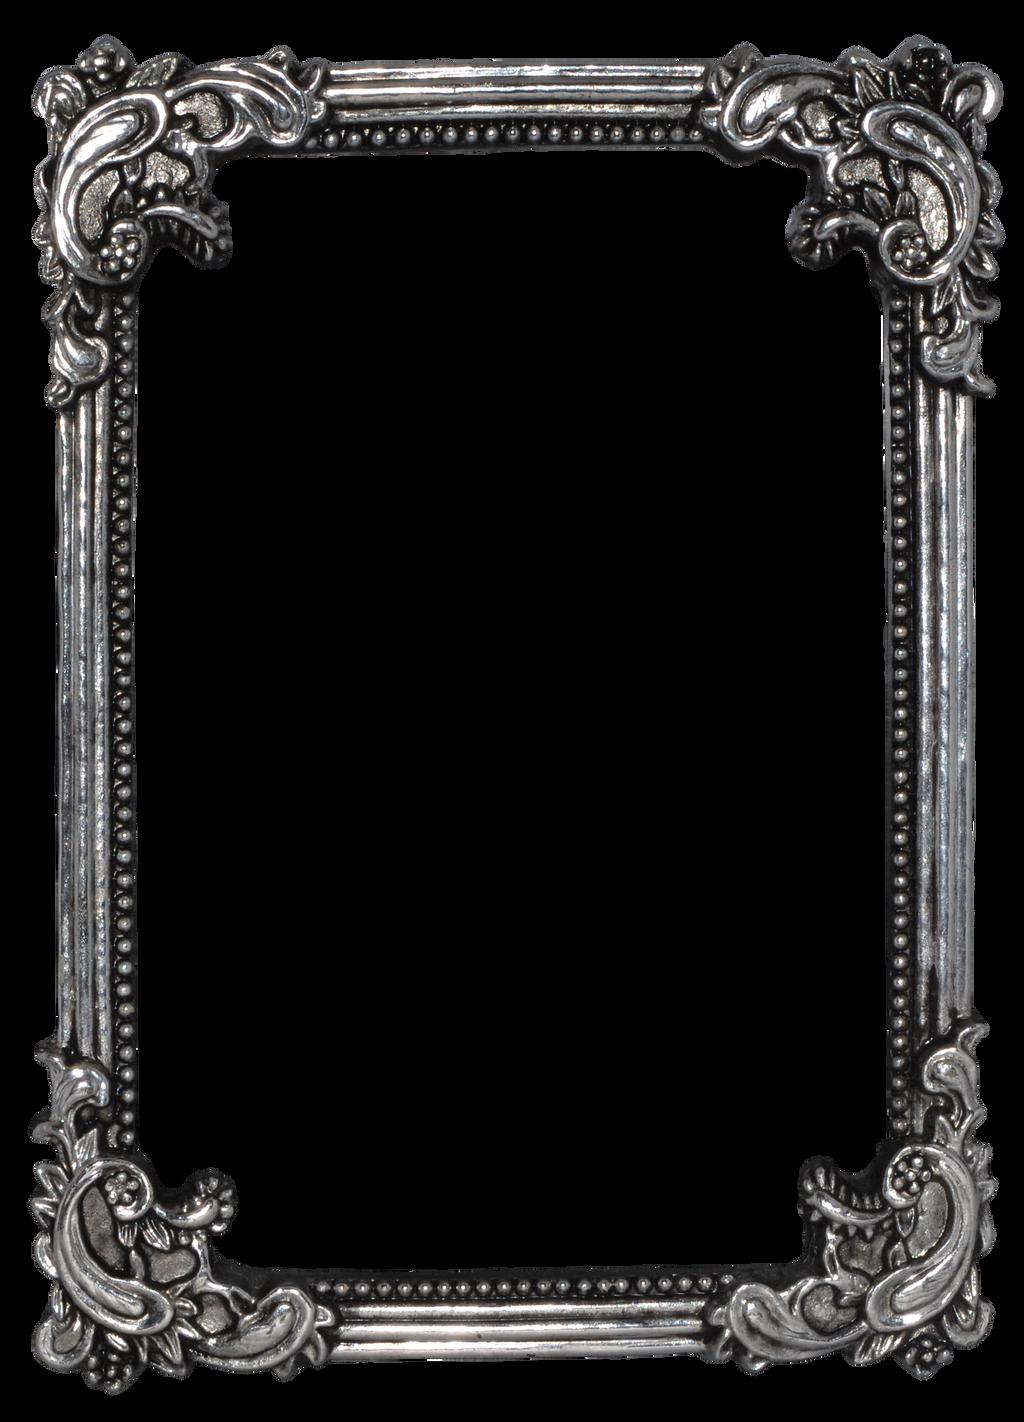 Glasses Frame Png : Vintage frame - precut PNG by NathL-fr on DeviantArt